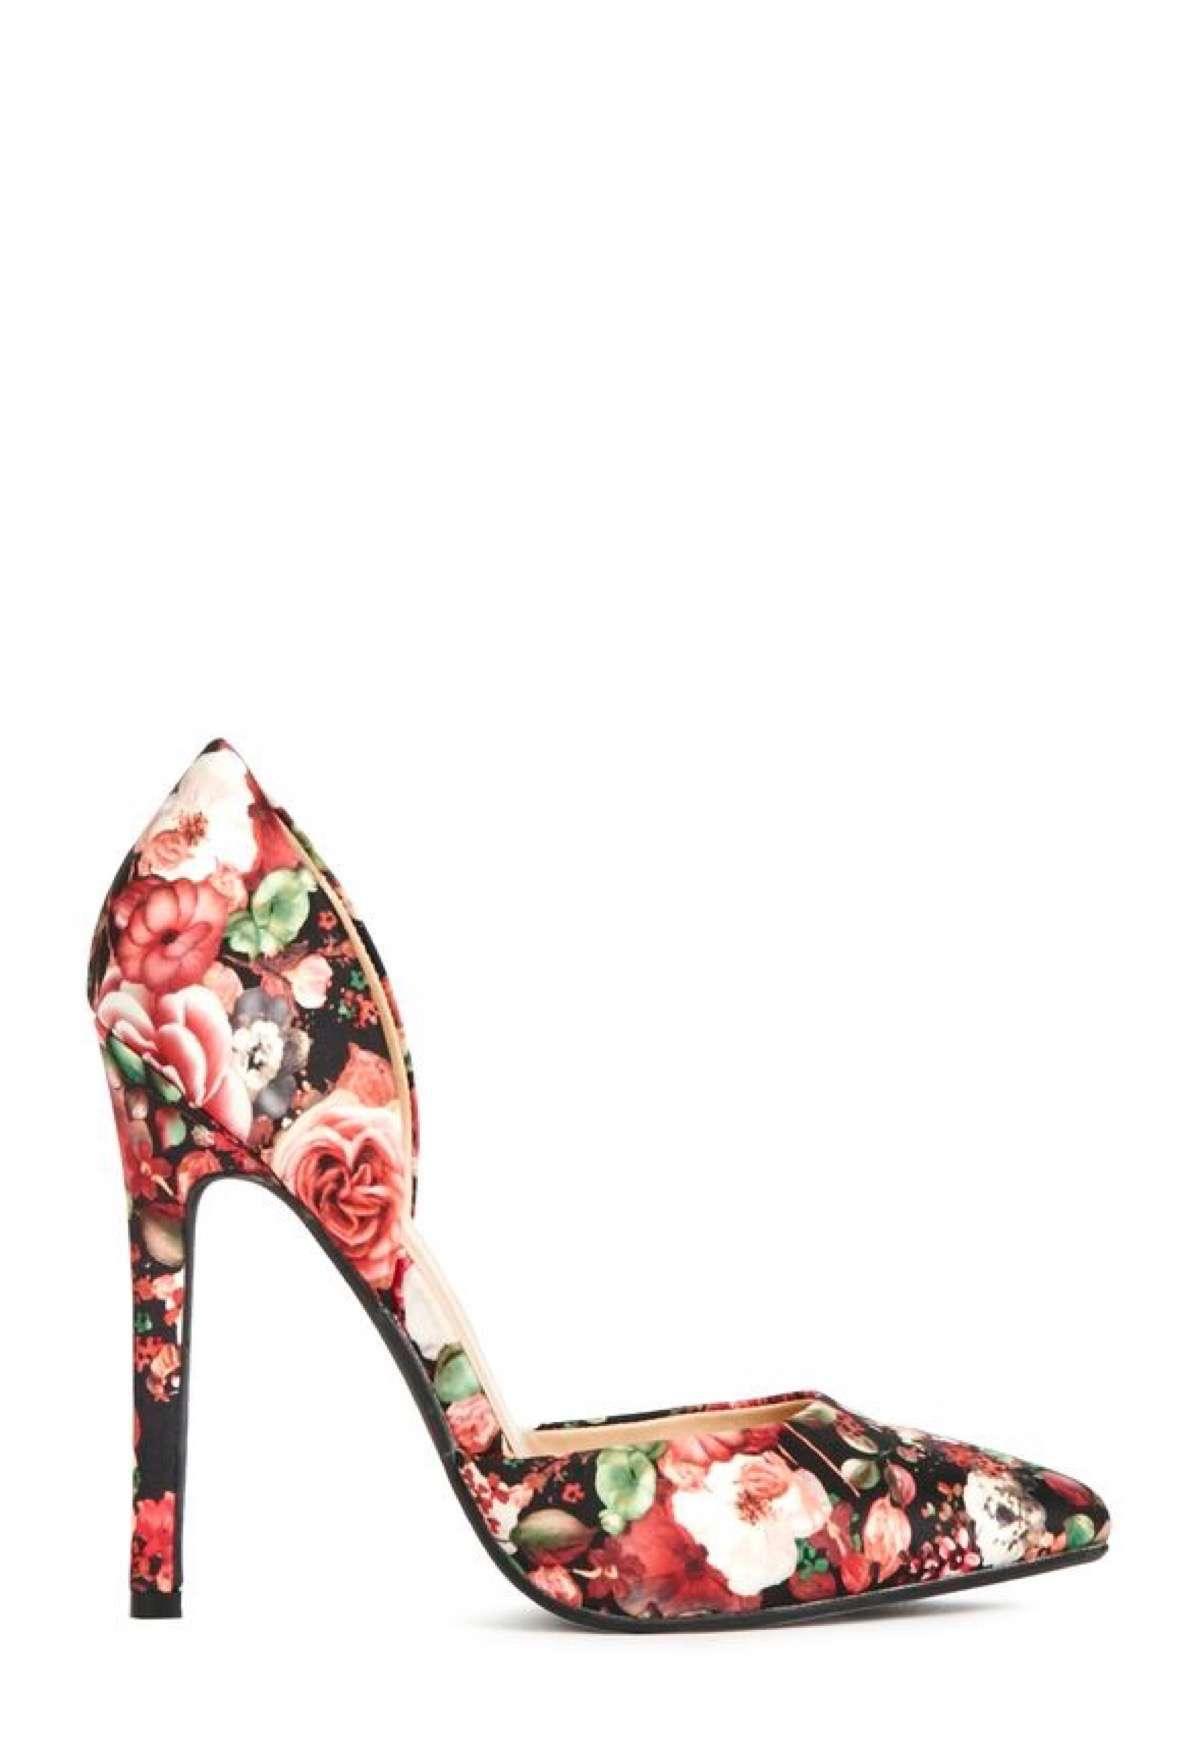 Zapatos estampados de fiesta florales